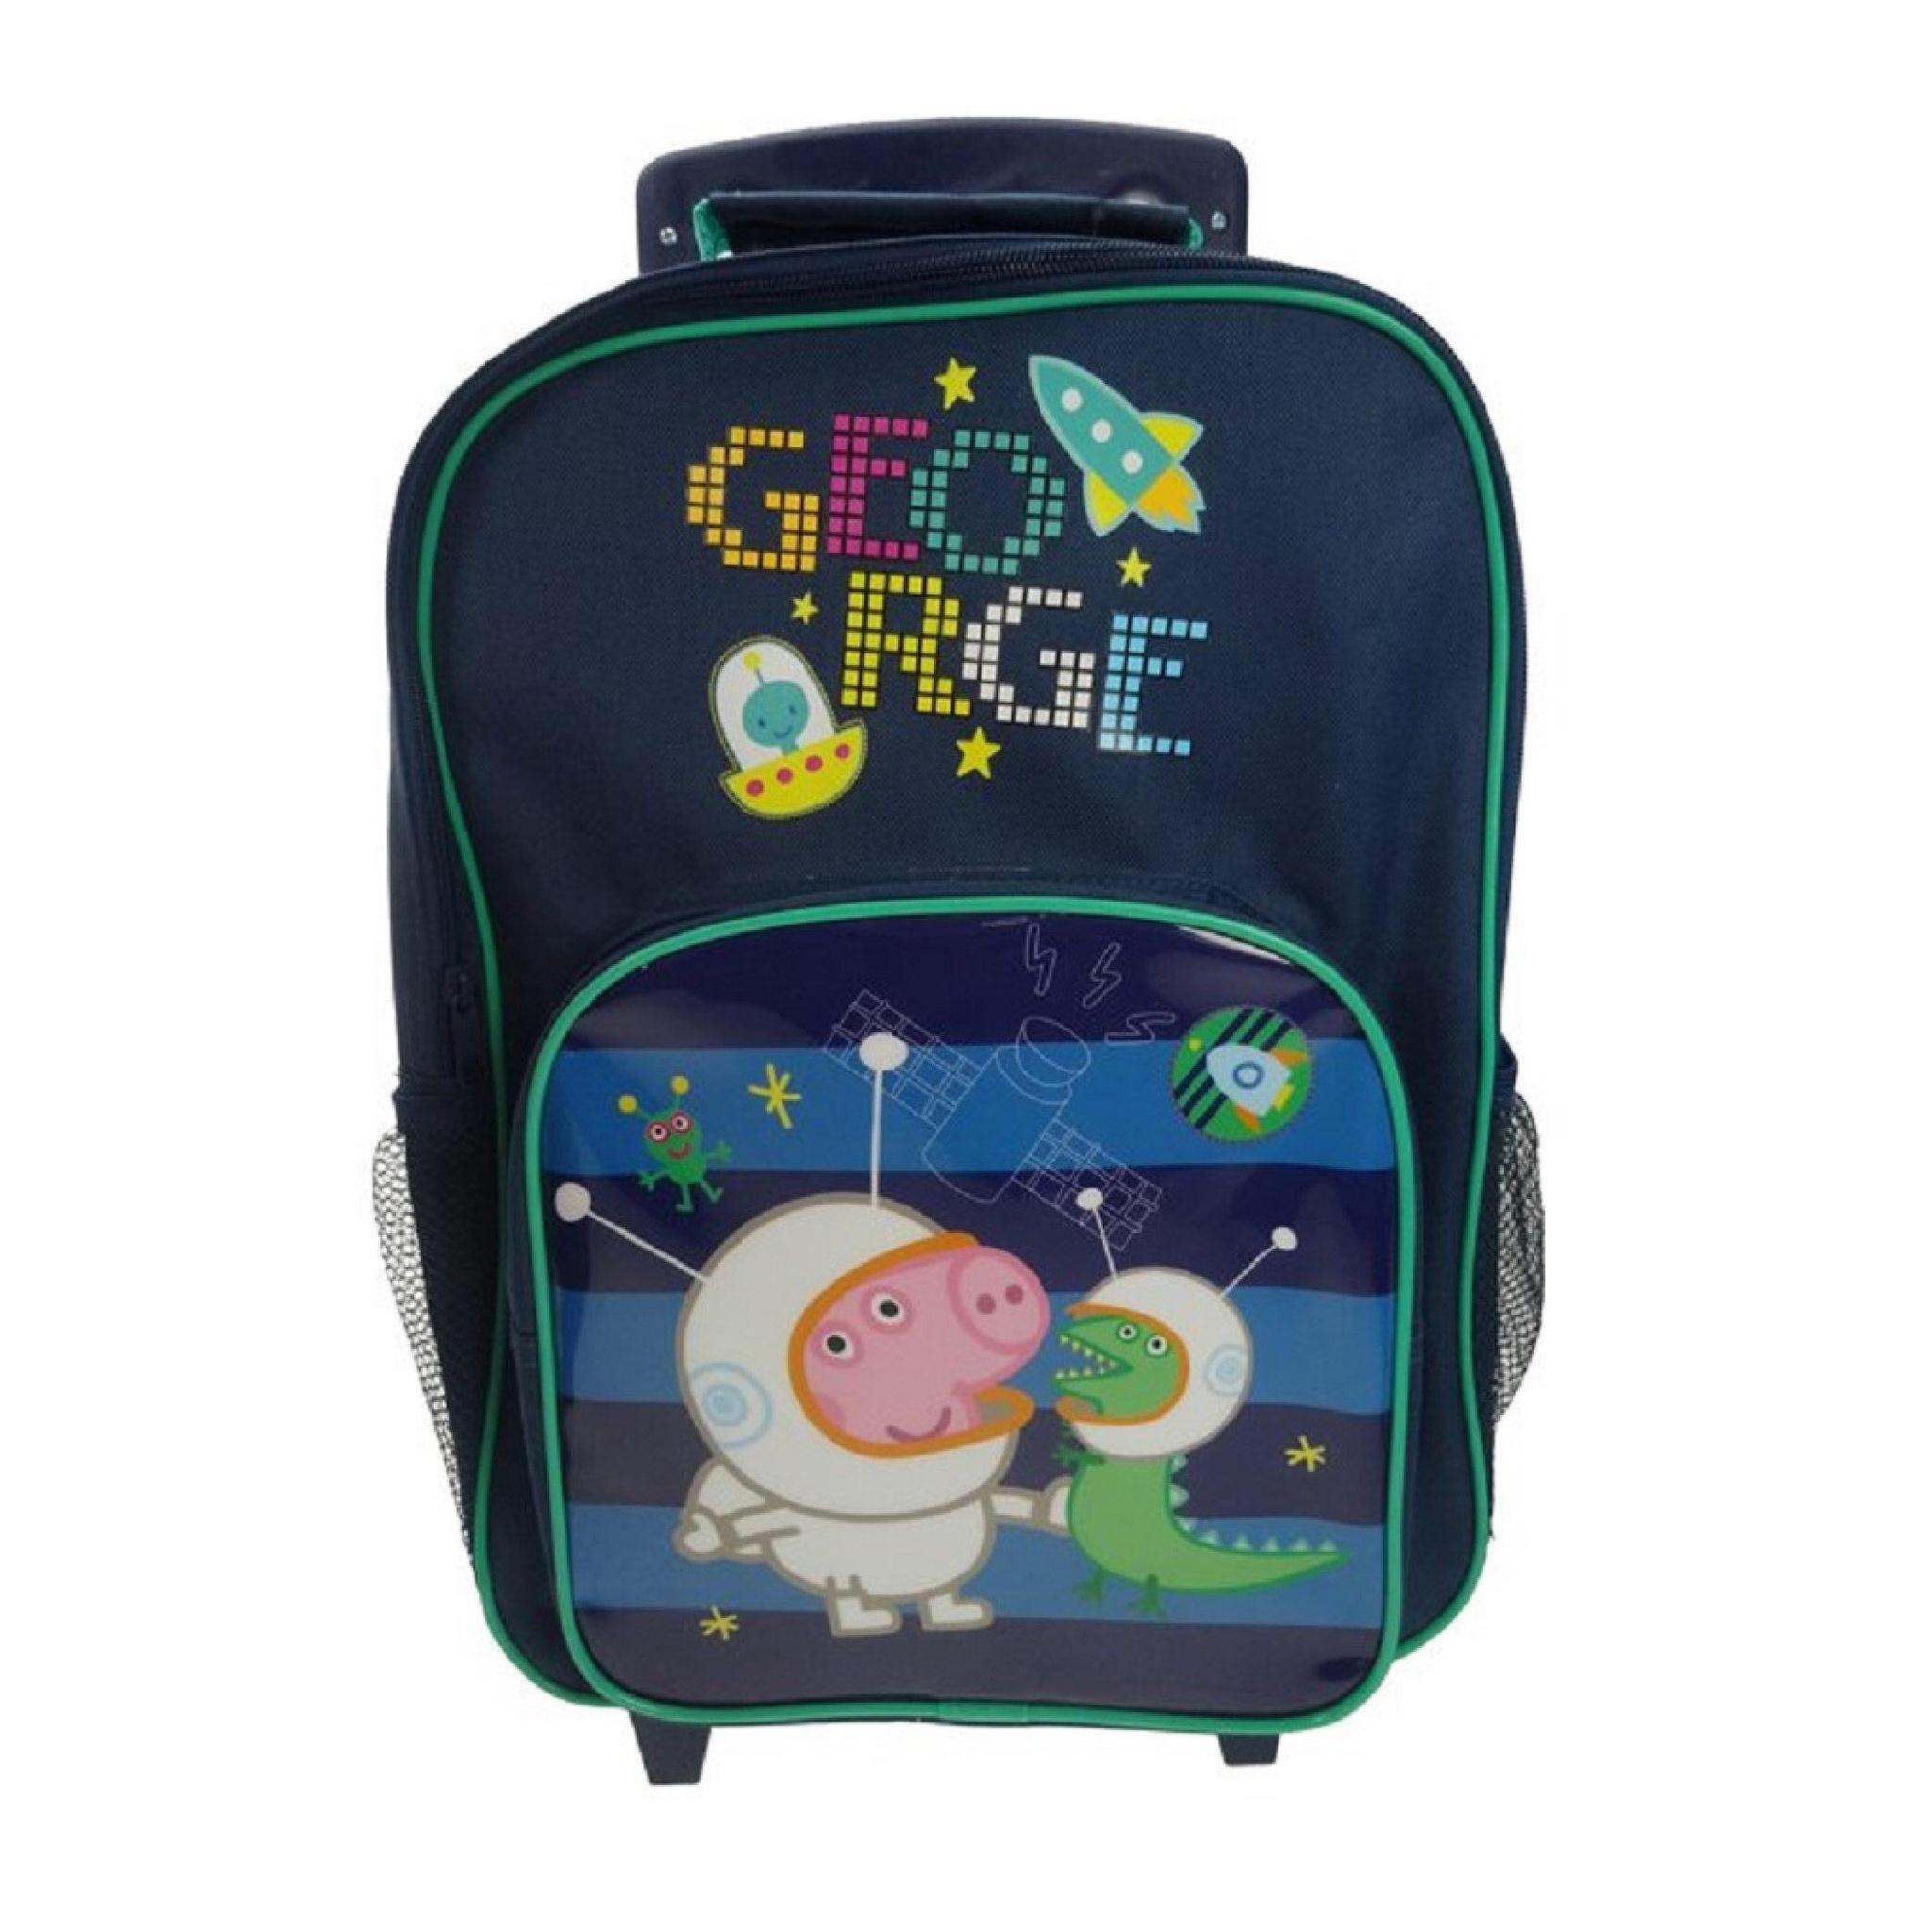 กระเป๋าล้อลากสำหรับเด็ก George Pig in a Space Premium Wheeled Bag